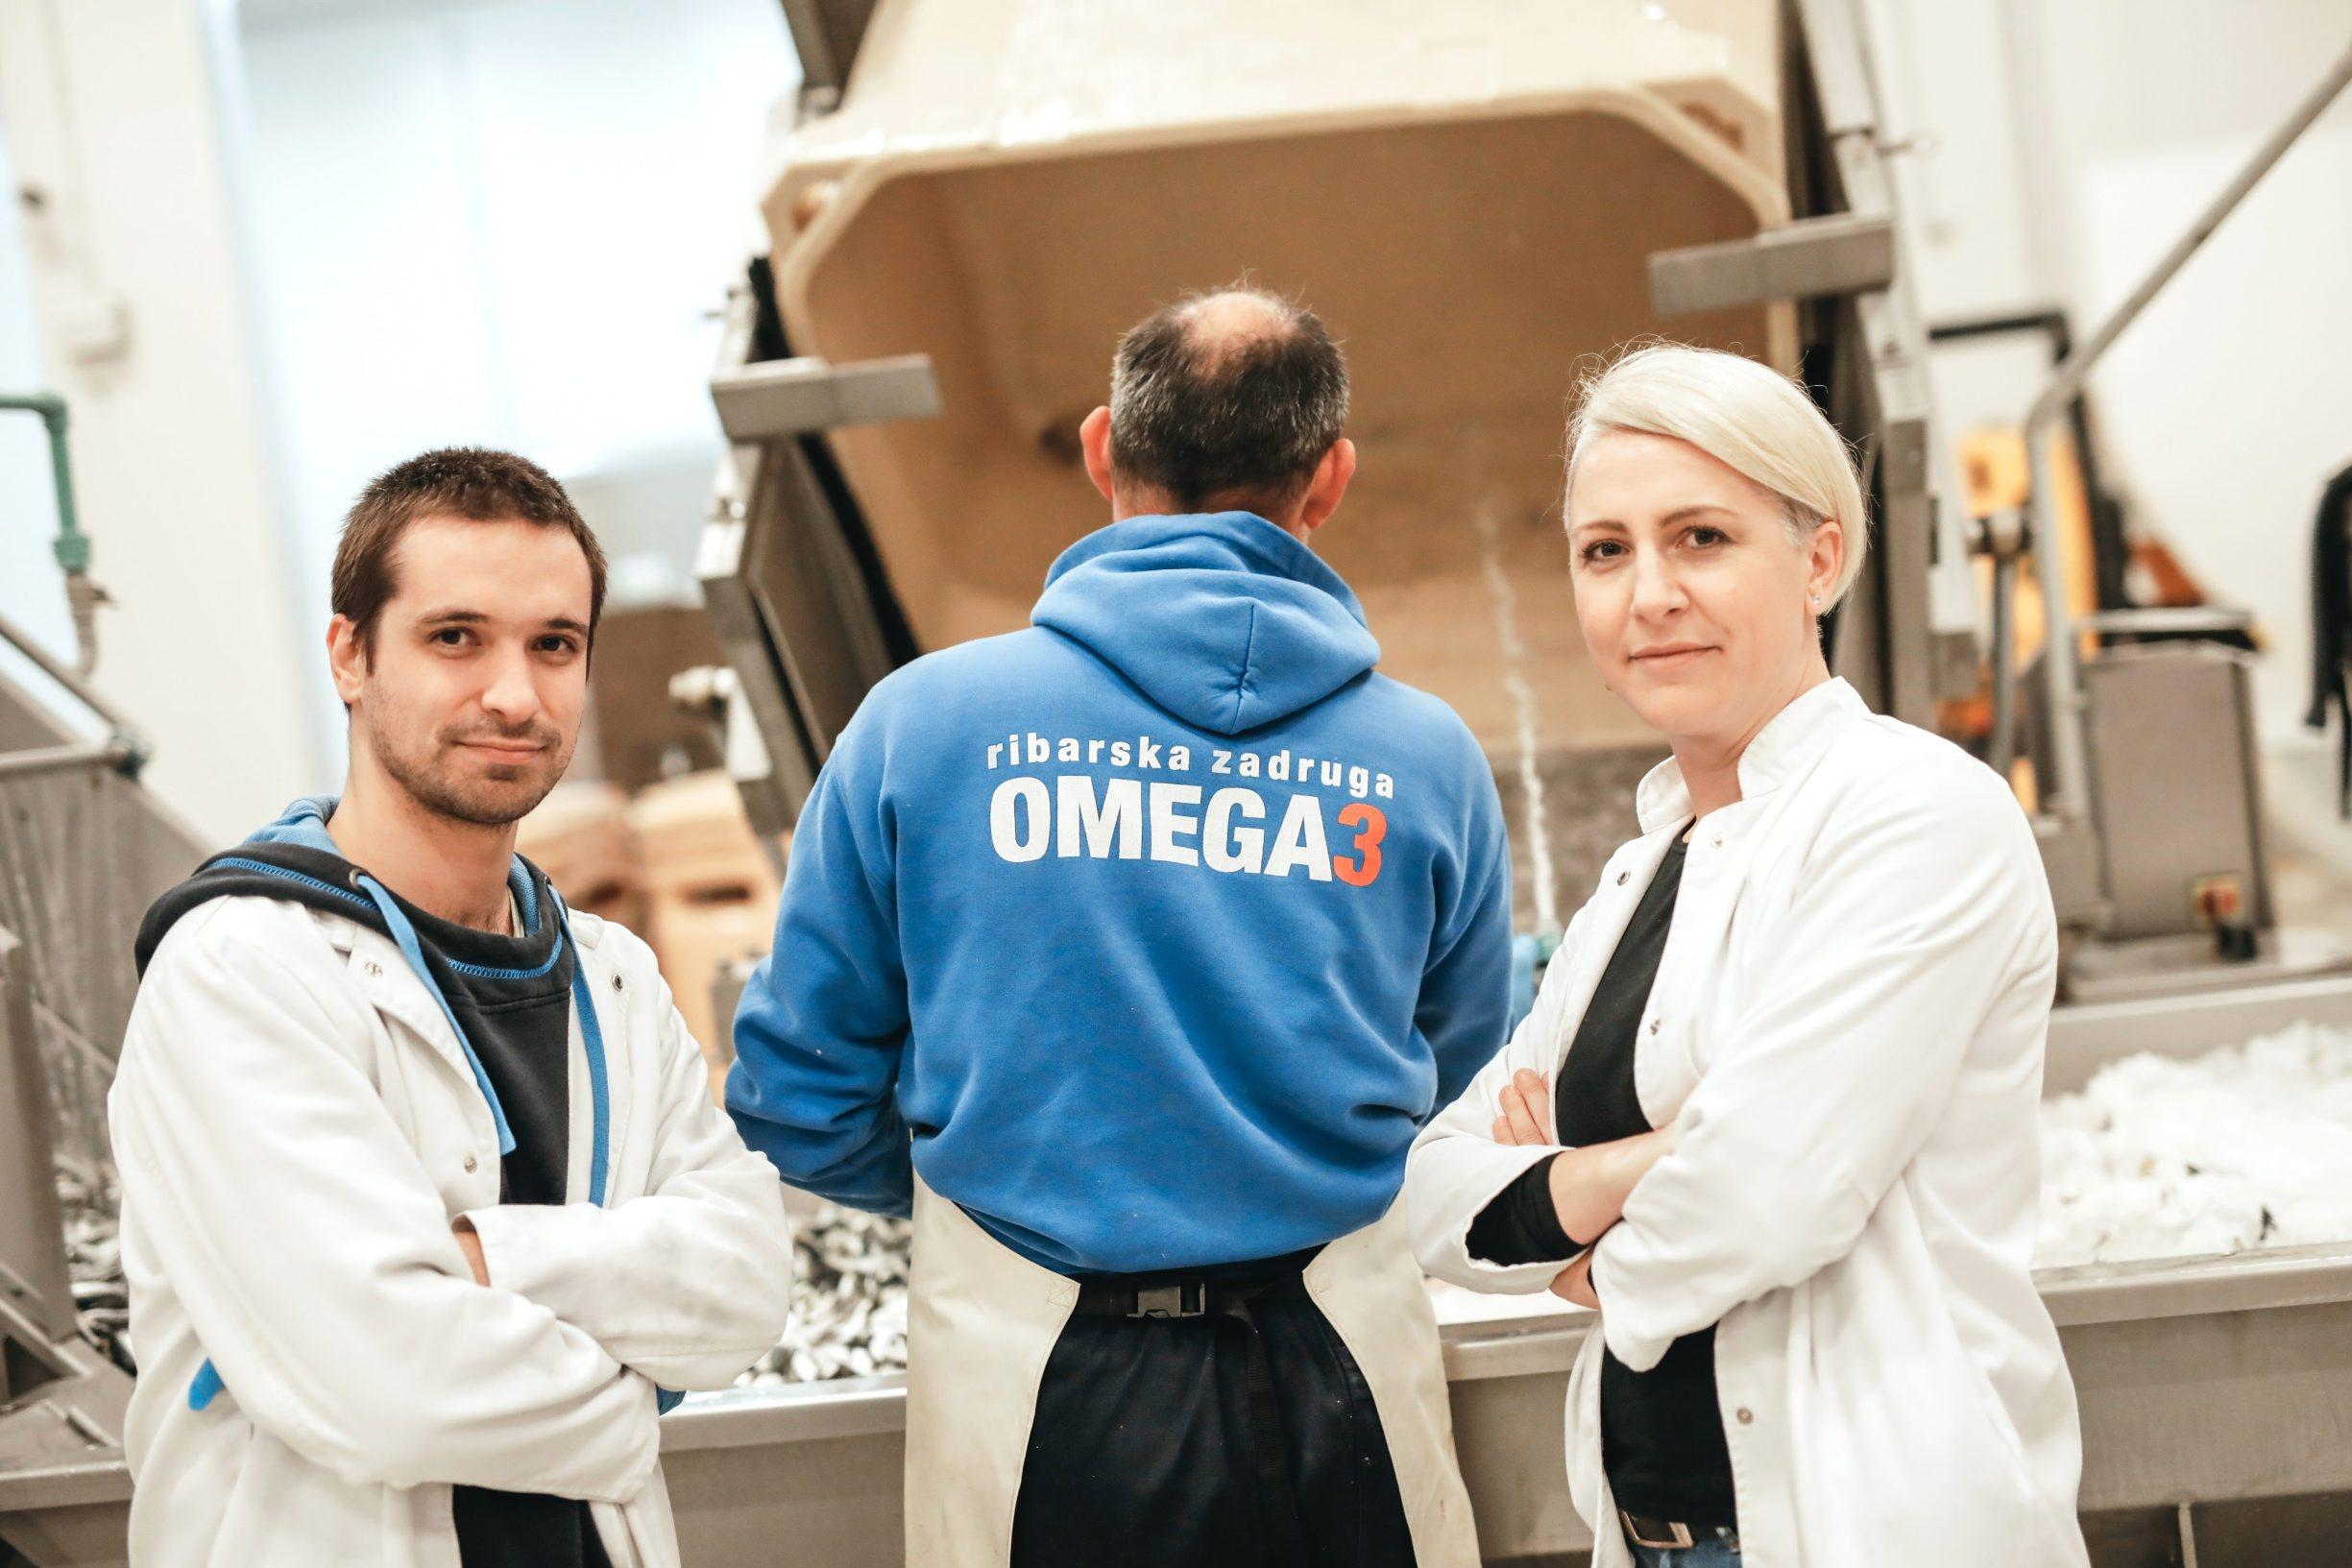 Benkovac, 031219 Reportaza o Benkovcu. Na fotografiji Marin Kolega tehnolog i Ana Brala voditeljica proizvodnje u pogonima ribarske zadruge Omega 3, zona Sopot. Foto: Danijel Soldo / CROPIX